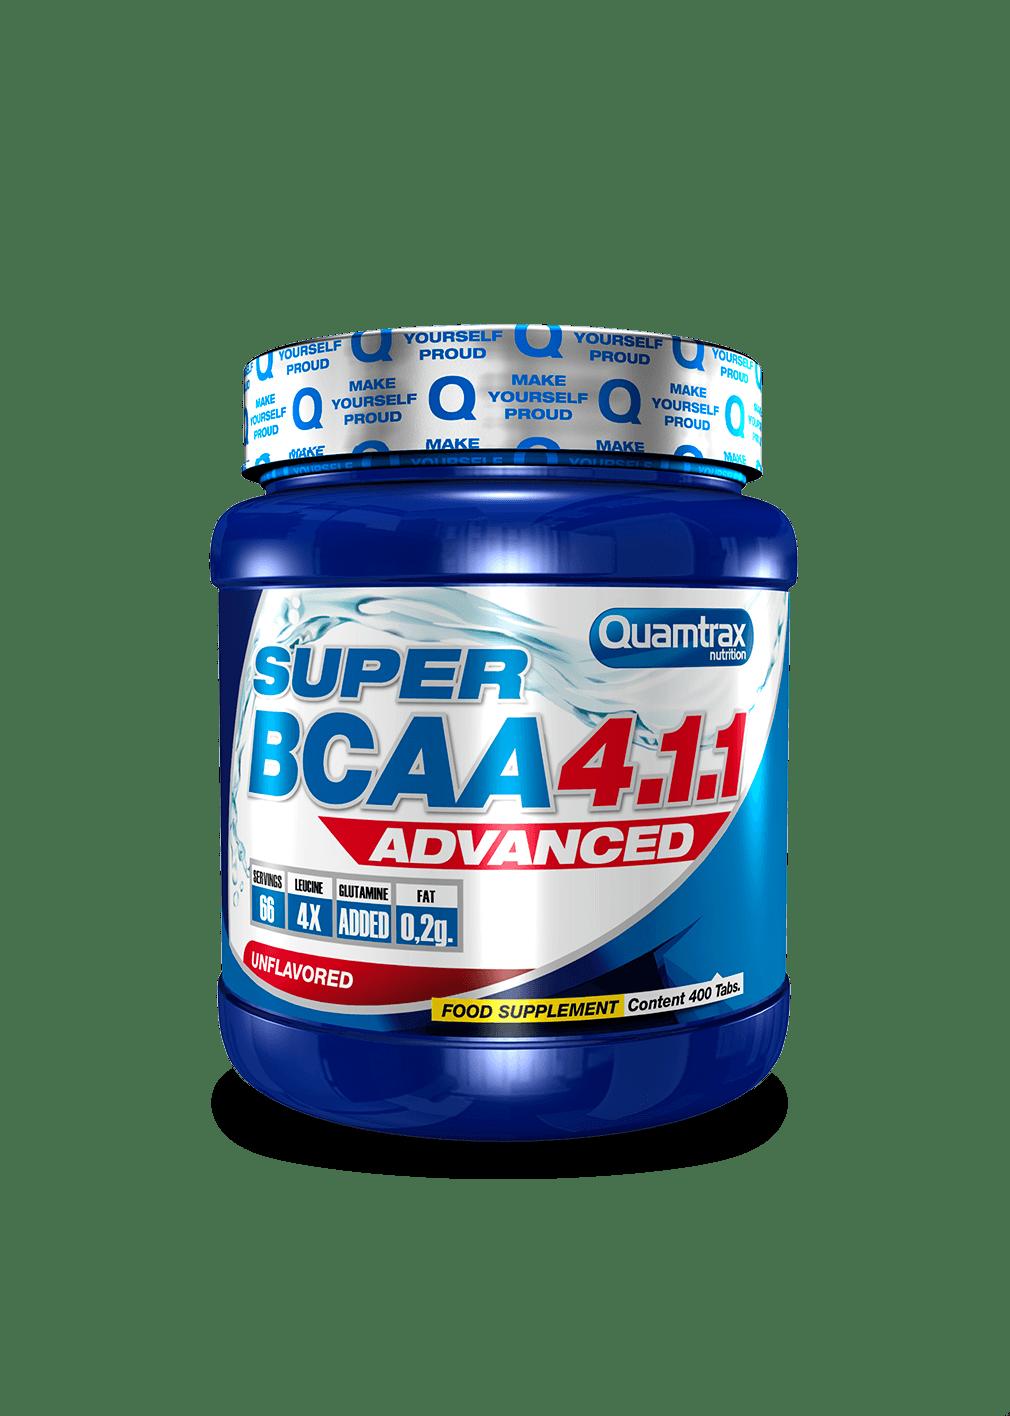 (Quamtrax) Aminoácidos Ramificados Super Bcaa 4.1.1 (200Tabs o 400Tabs)